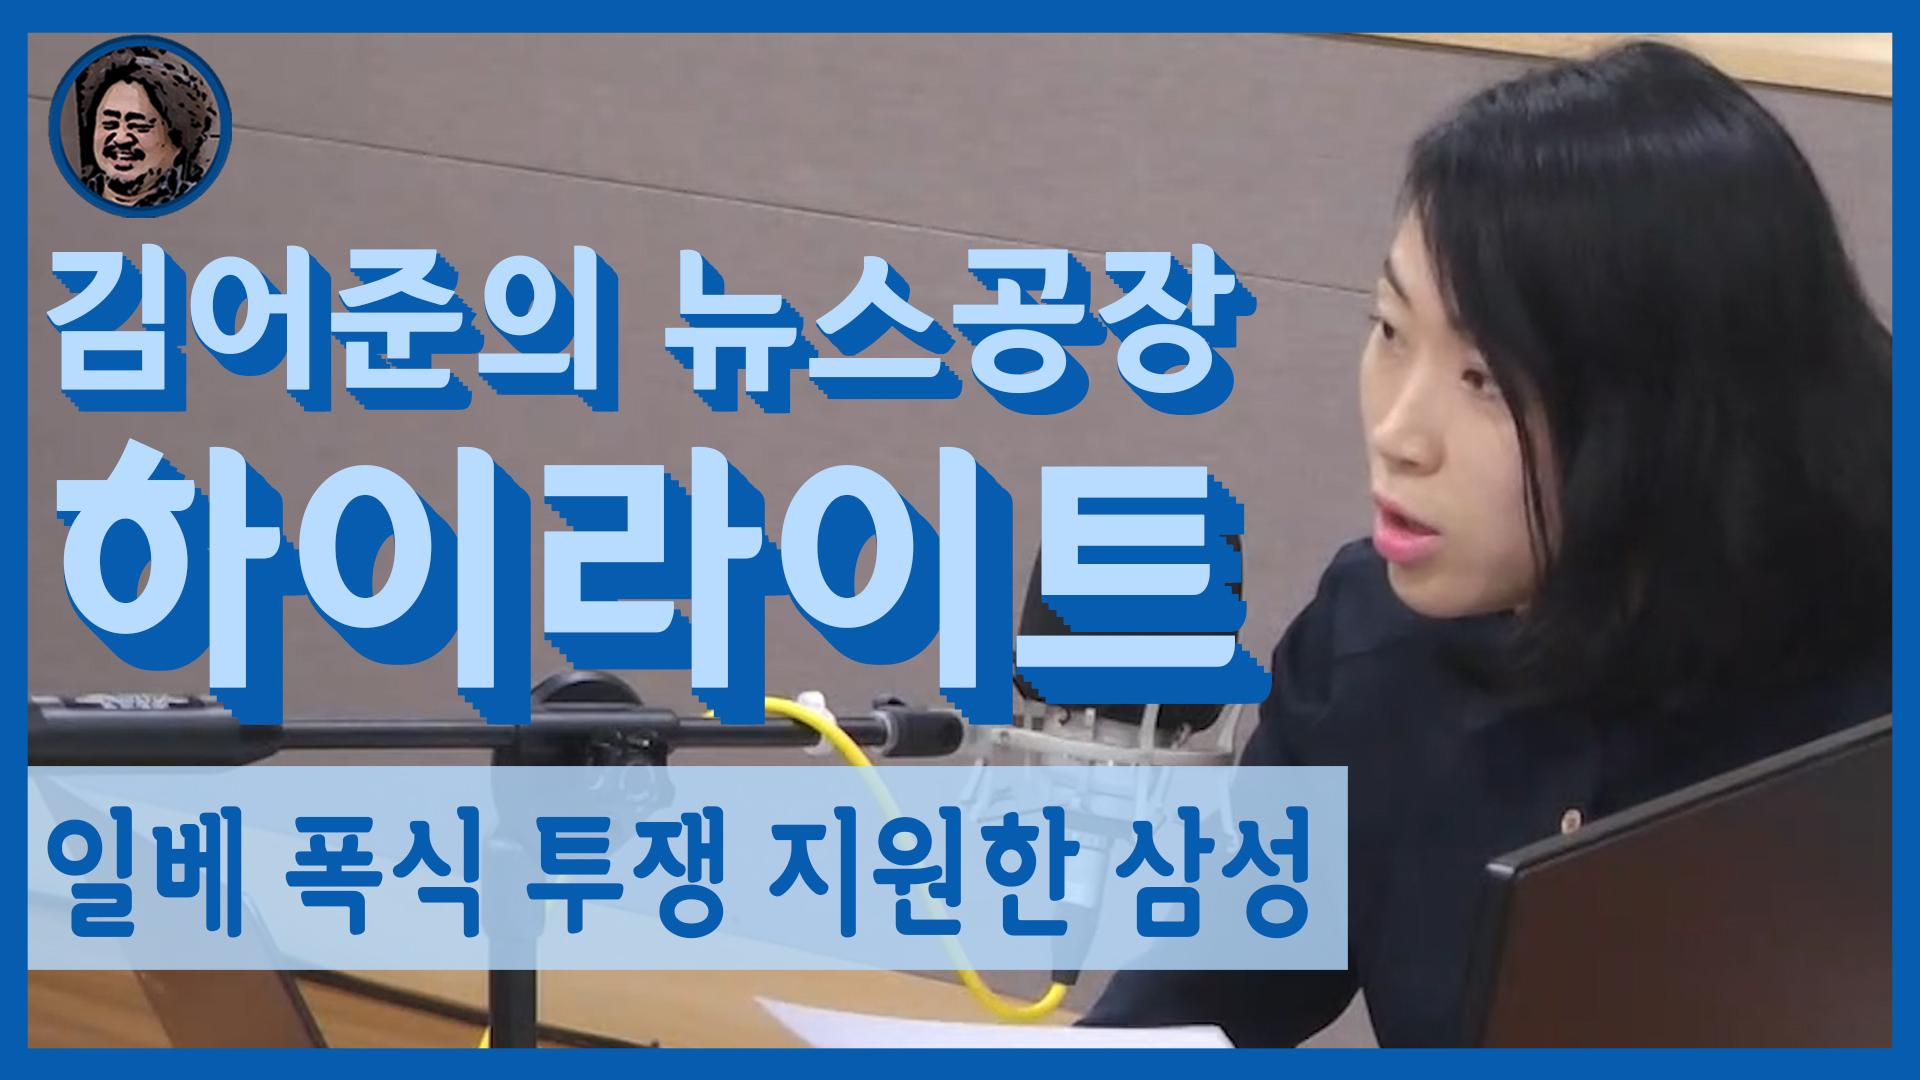 [김어준의 뉴스공장-하이라이트]일베 폭식 투쟁 지원한 삼성